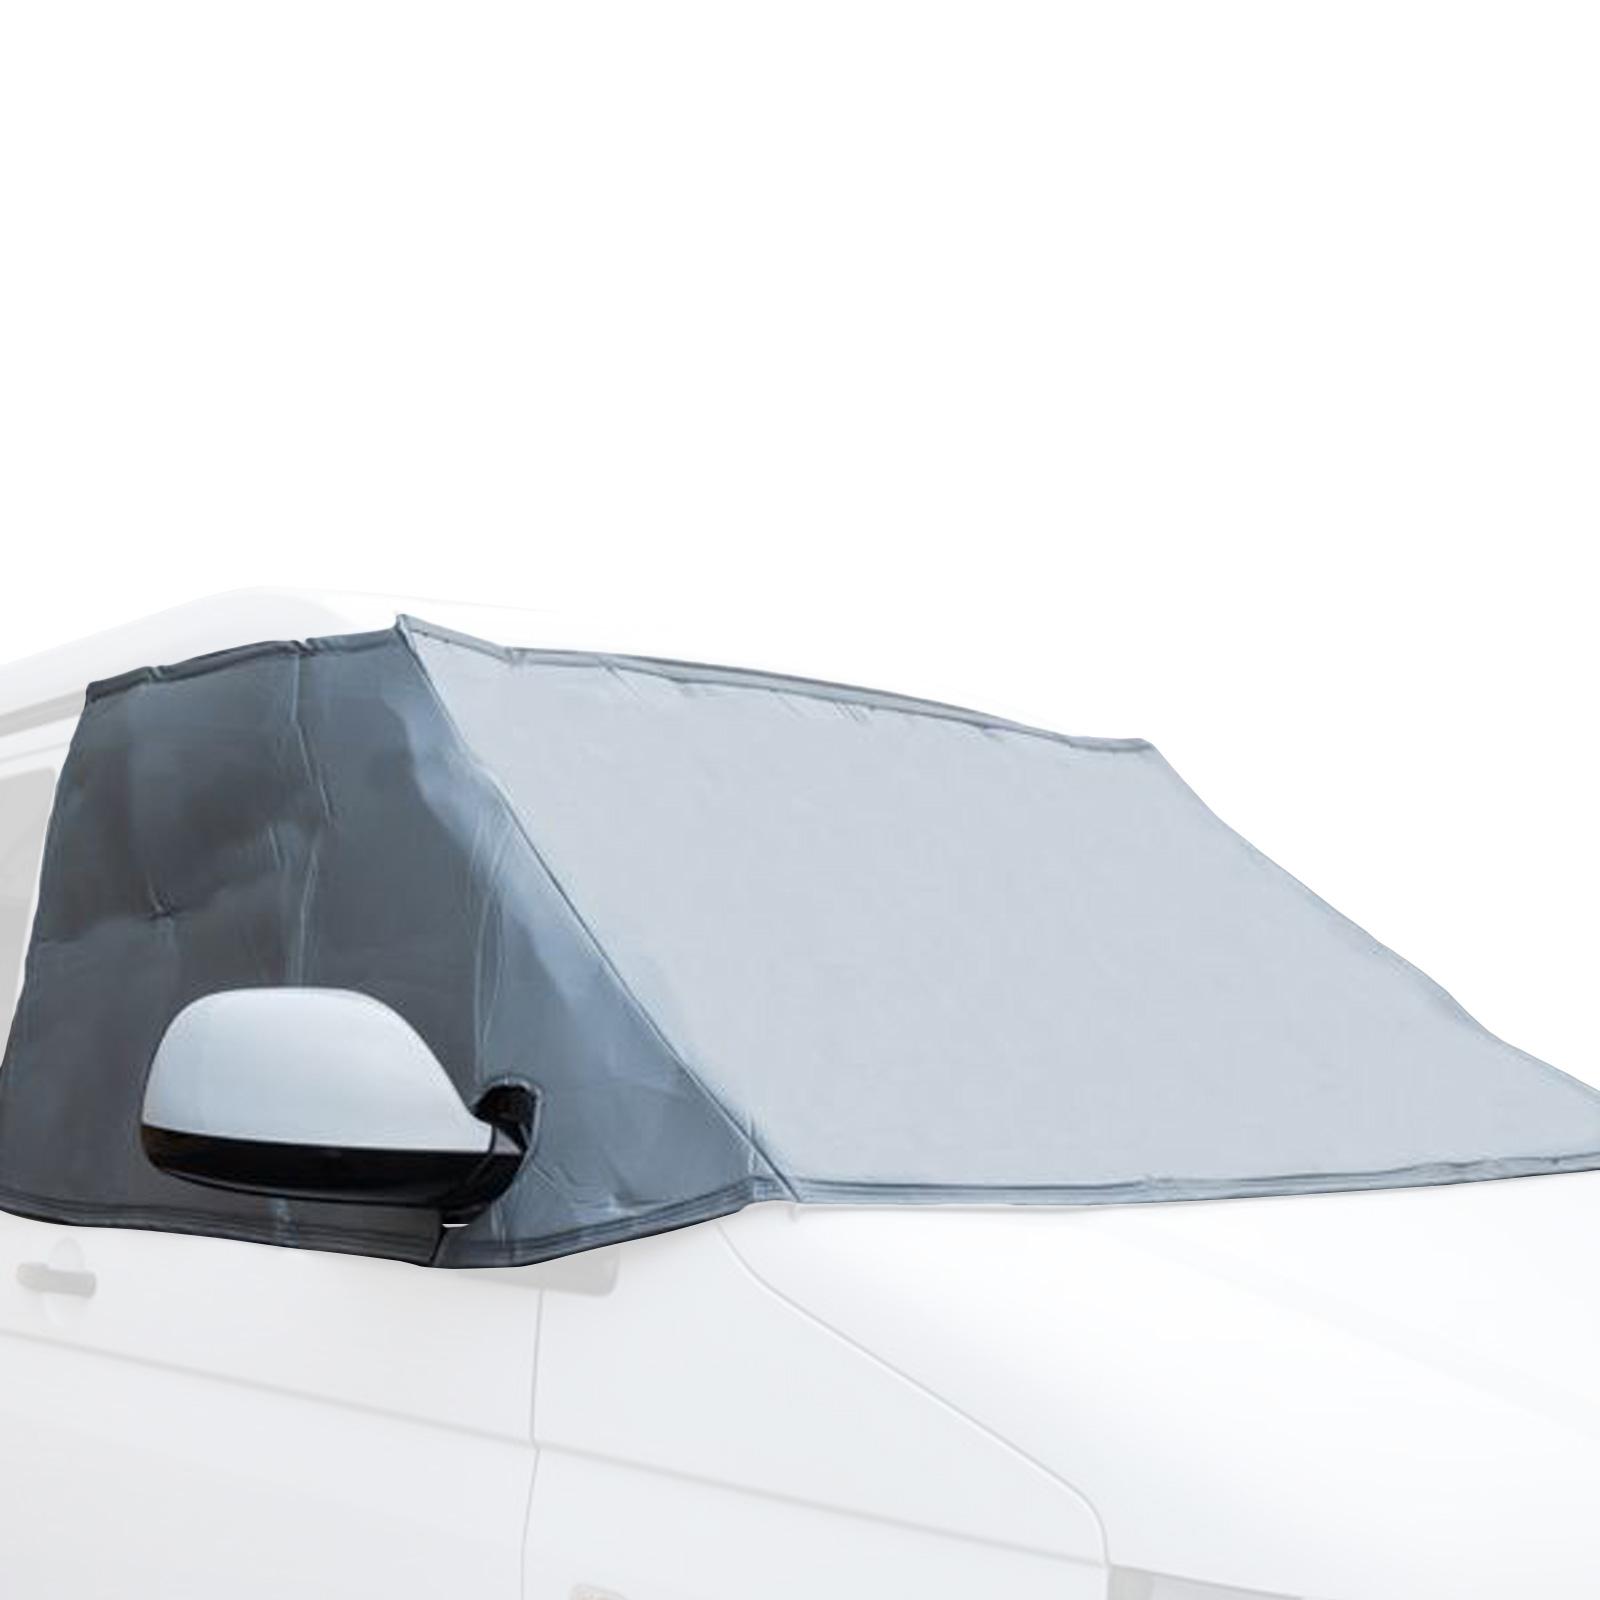 deiwo® Bugschutzplane für Fiat Ducato ab 2014 Frontschutzplane Thermomatte